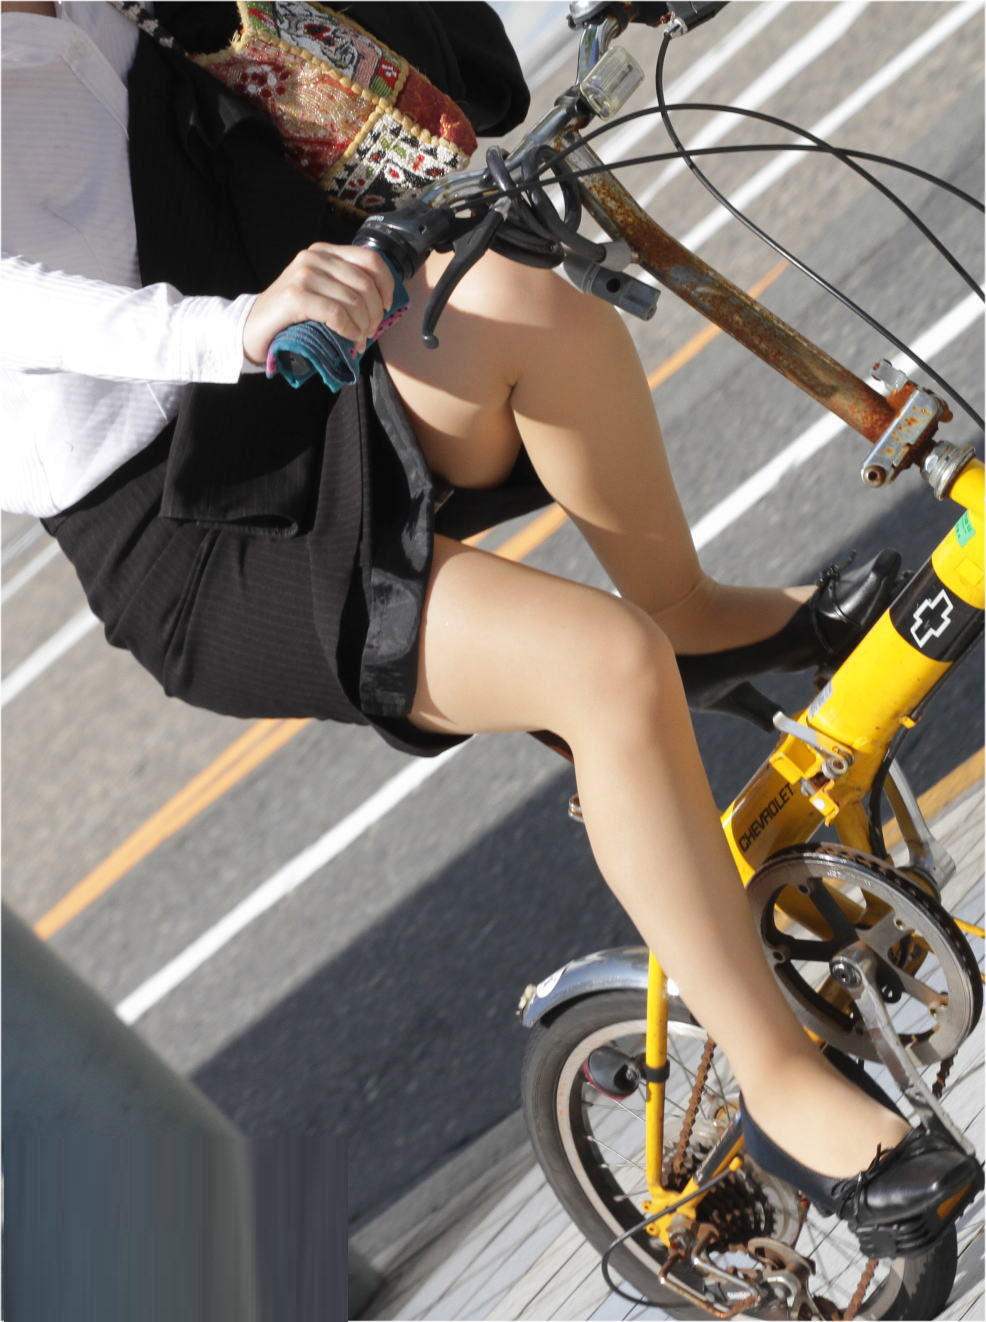 タイトスカートのお尻にパンスト足パンチラの自転車OLエロ画像8枚目